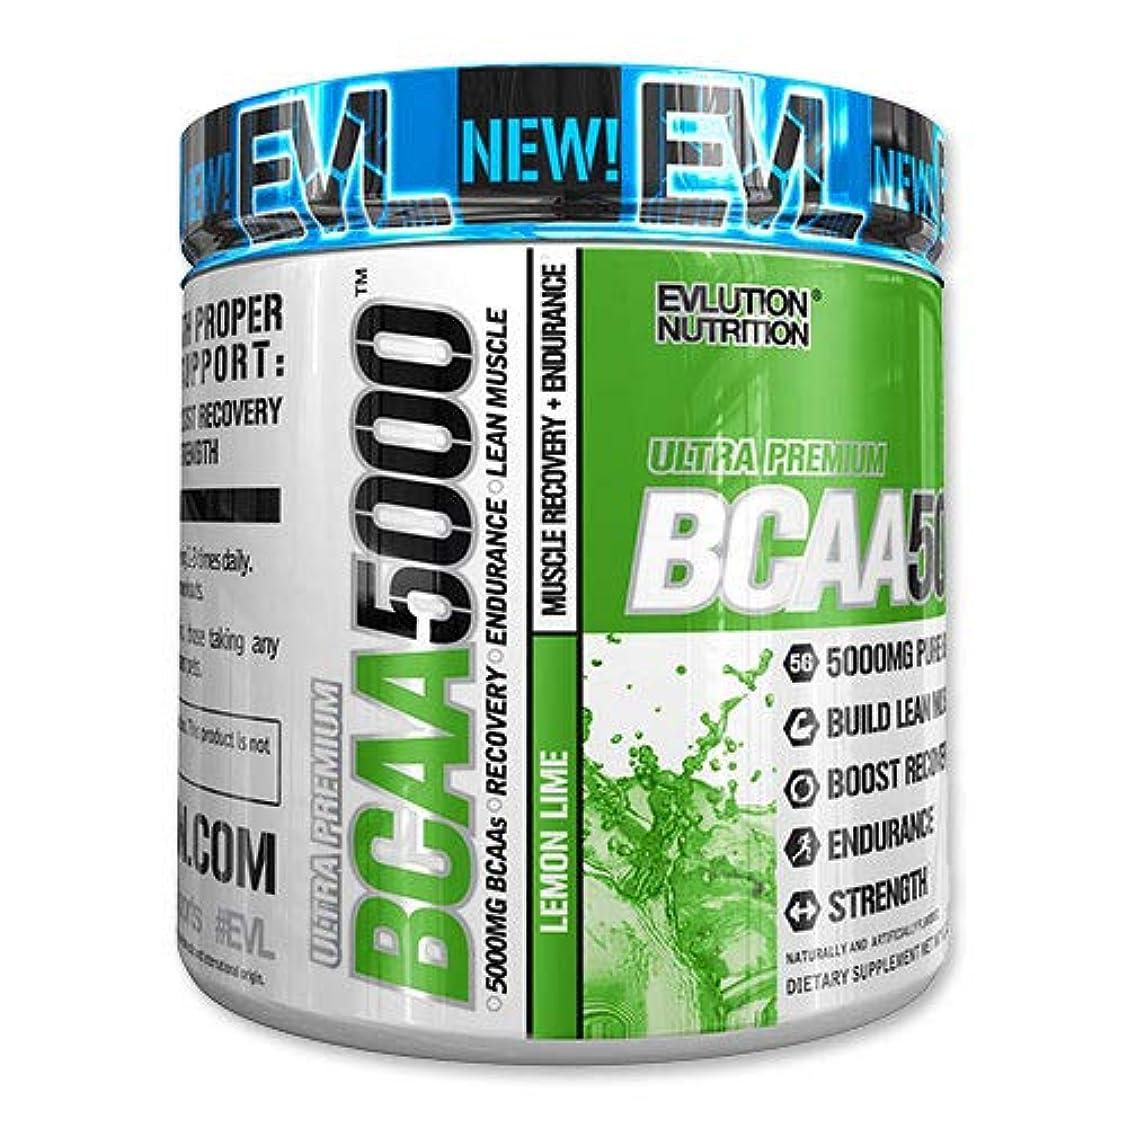 優しさ可動式乳製品BCAA 5000 レモンライム 258g(9.1oz)《約30回分》Evlution Nutrition(エボリューションニュートリション)[海外直送品]